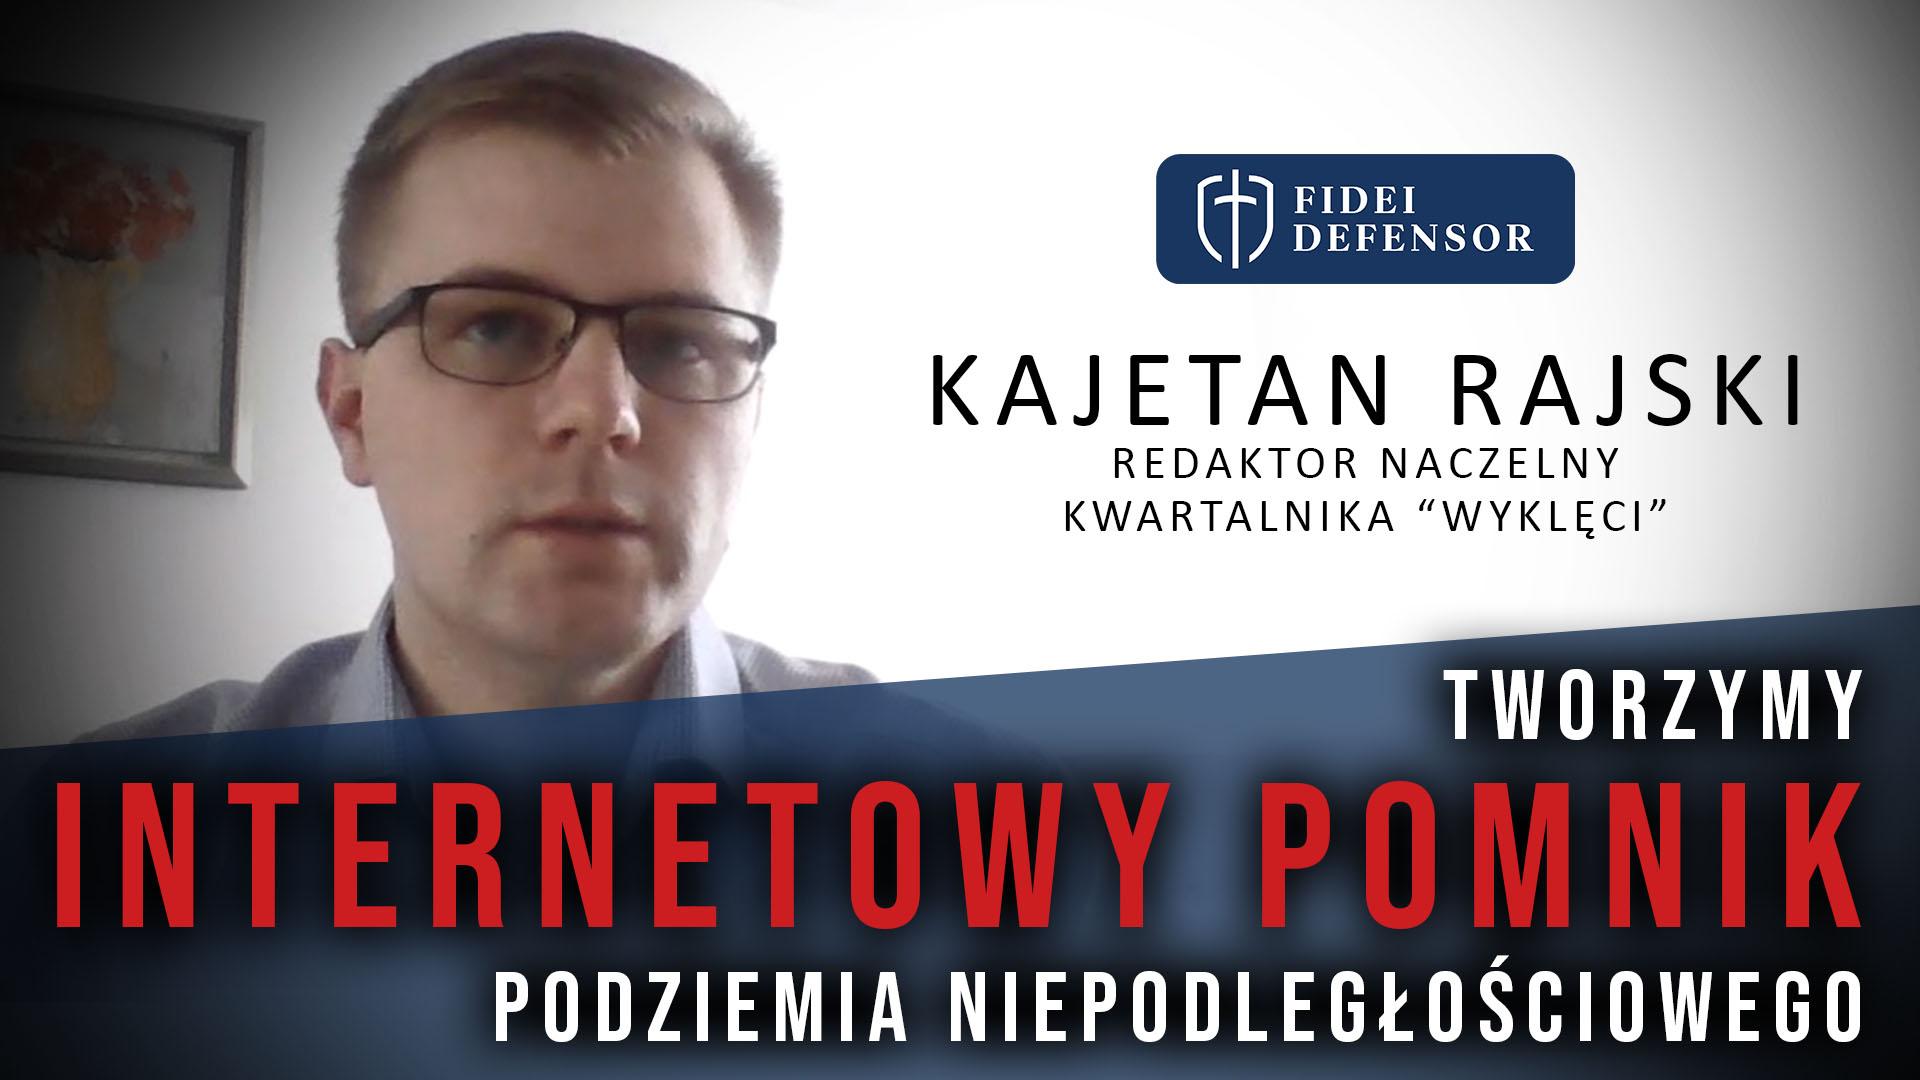 Tworzymy INTERNETOWY POMNIK podziemia niepodległościowego – Kajetan Rajski